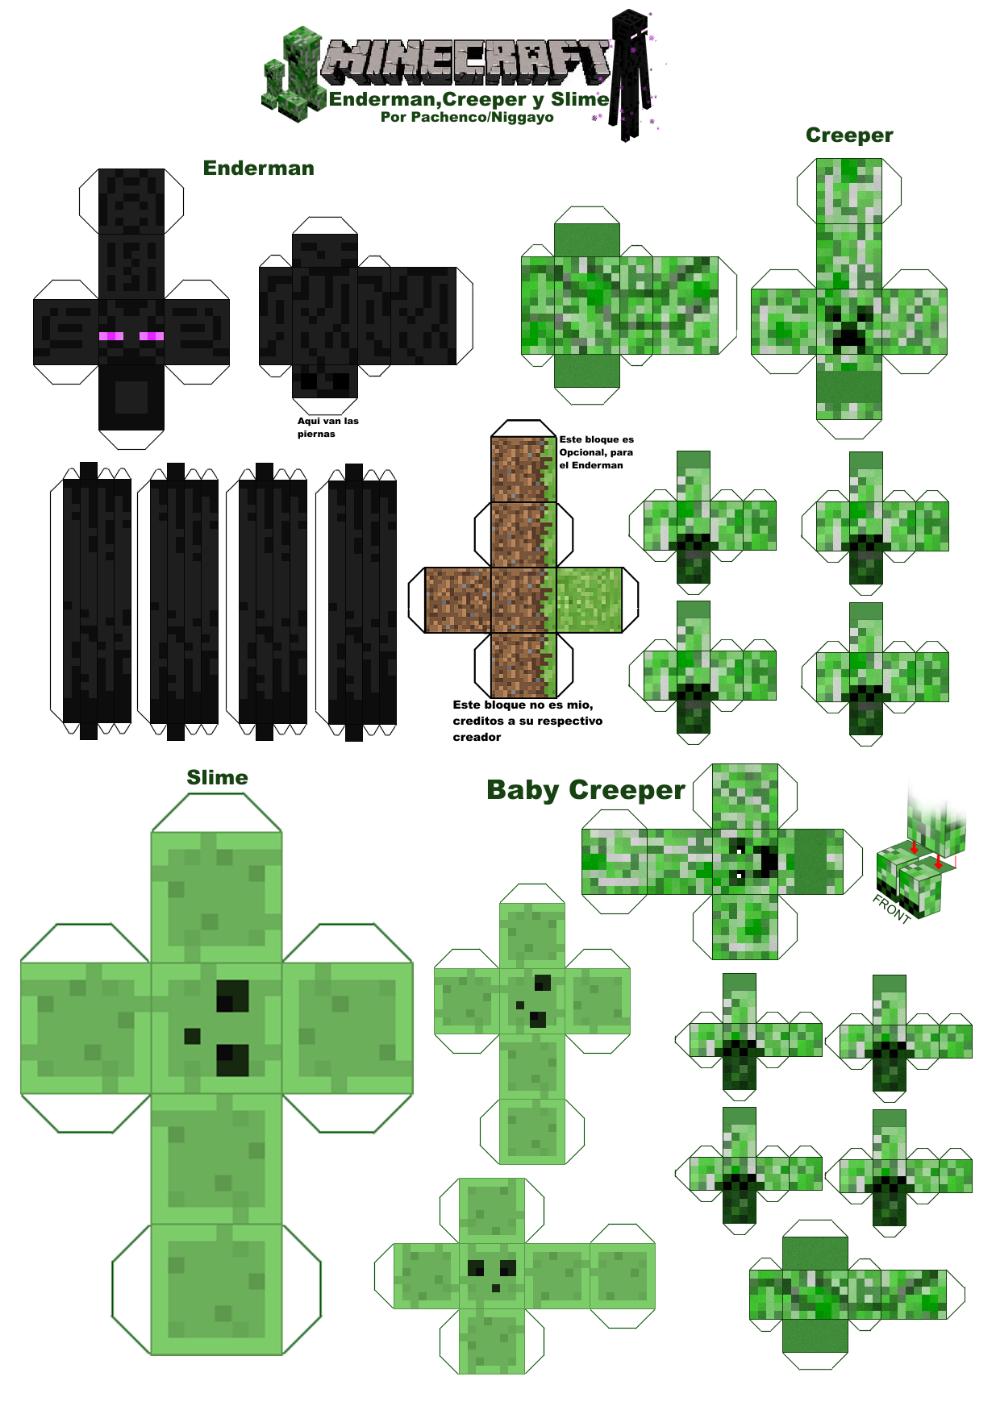 Imagenes Para Recortar Y Armar De Minecraft Buscar Con Google Creeper De Minecraft Armables De Minecraft Minecraft Para Armar